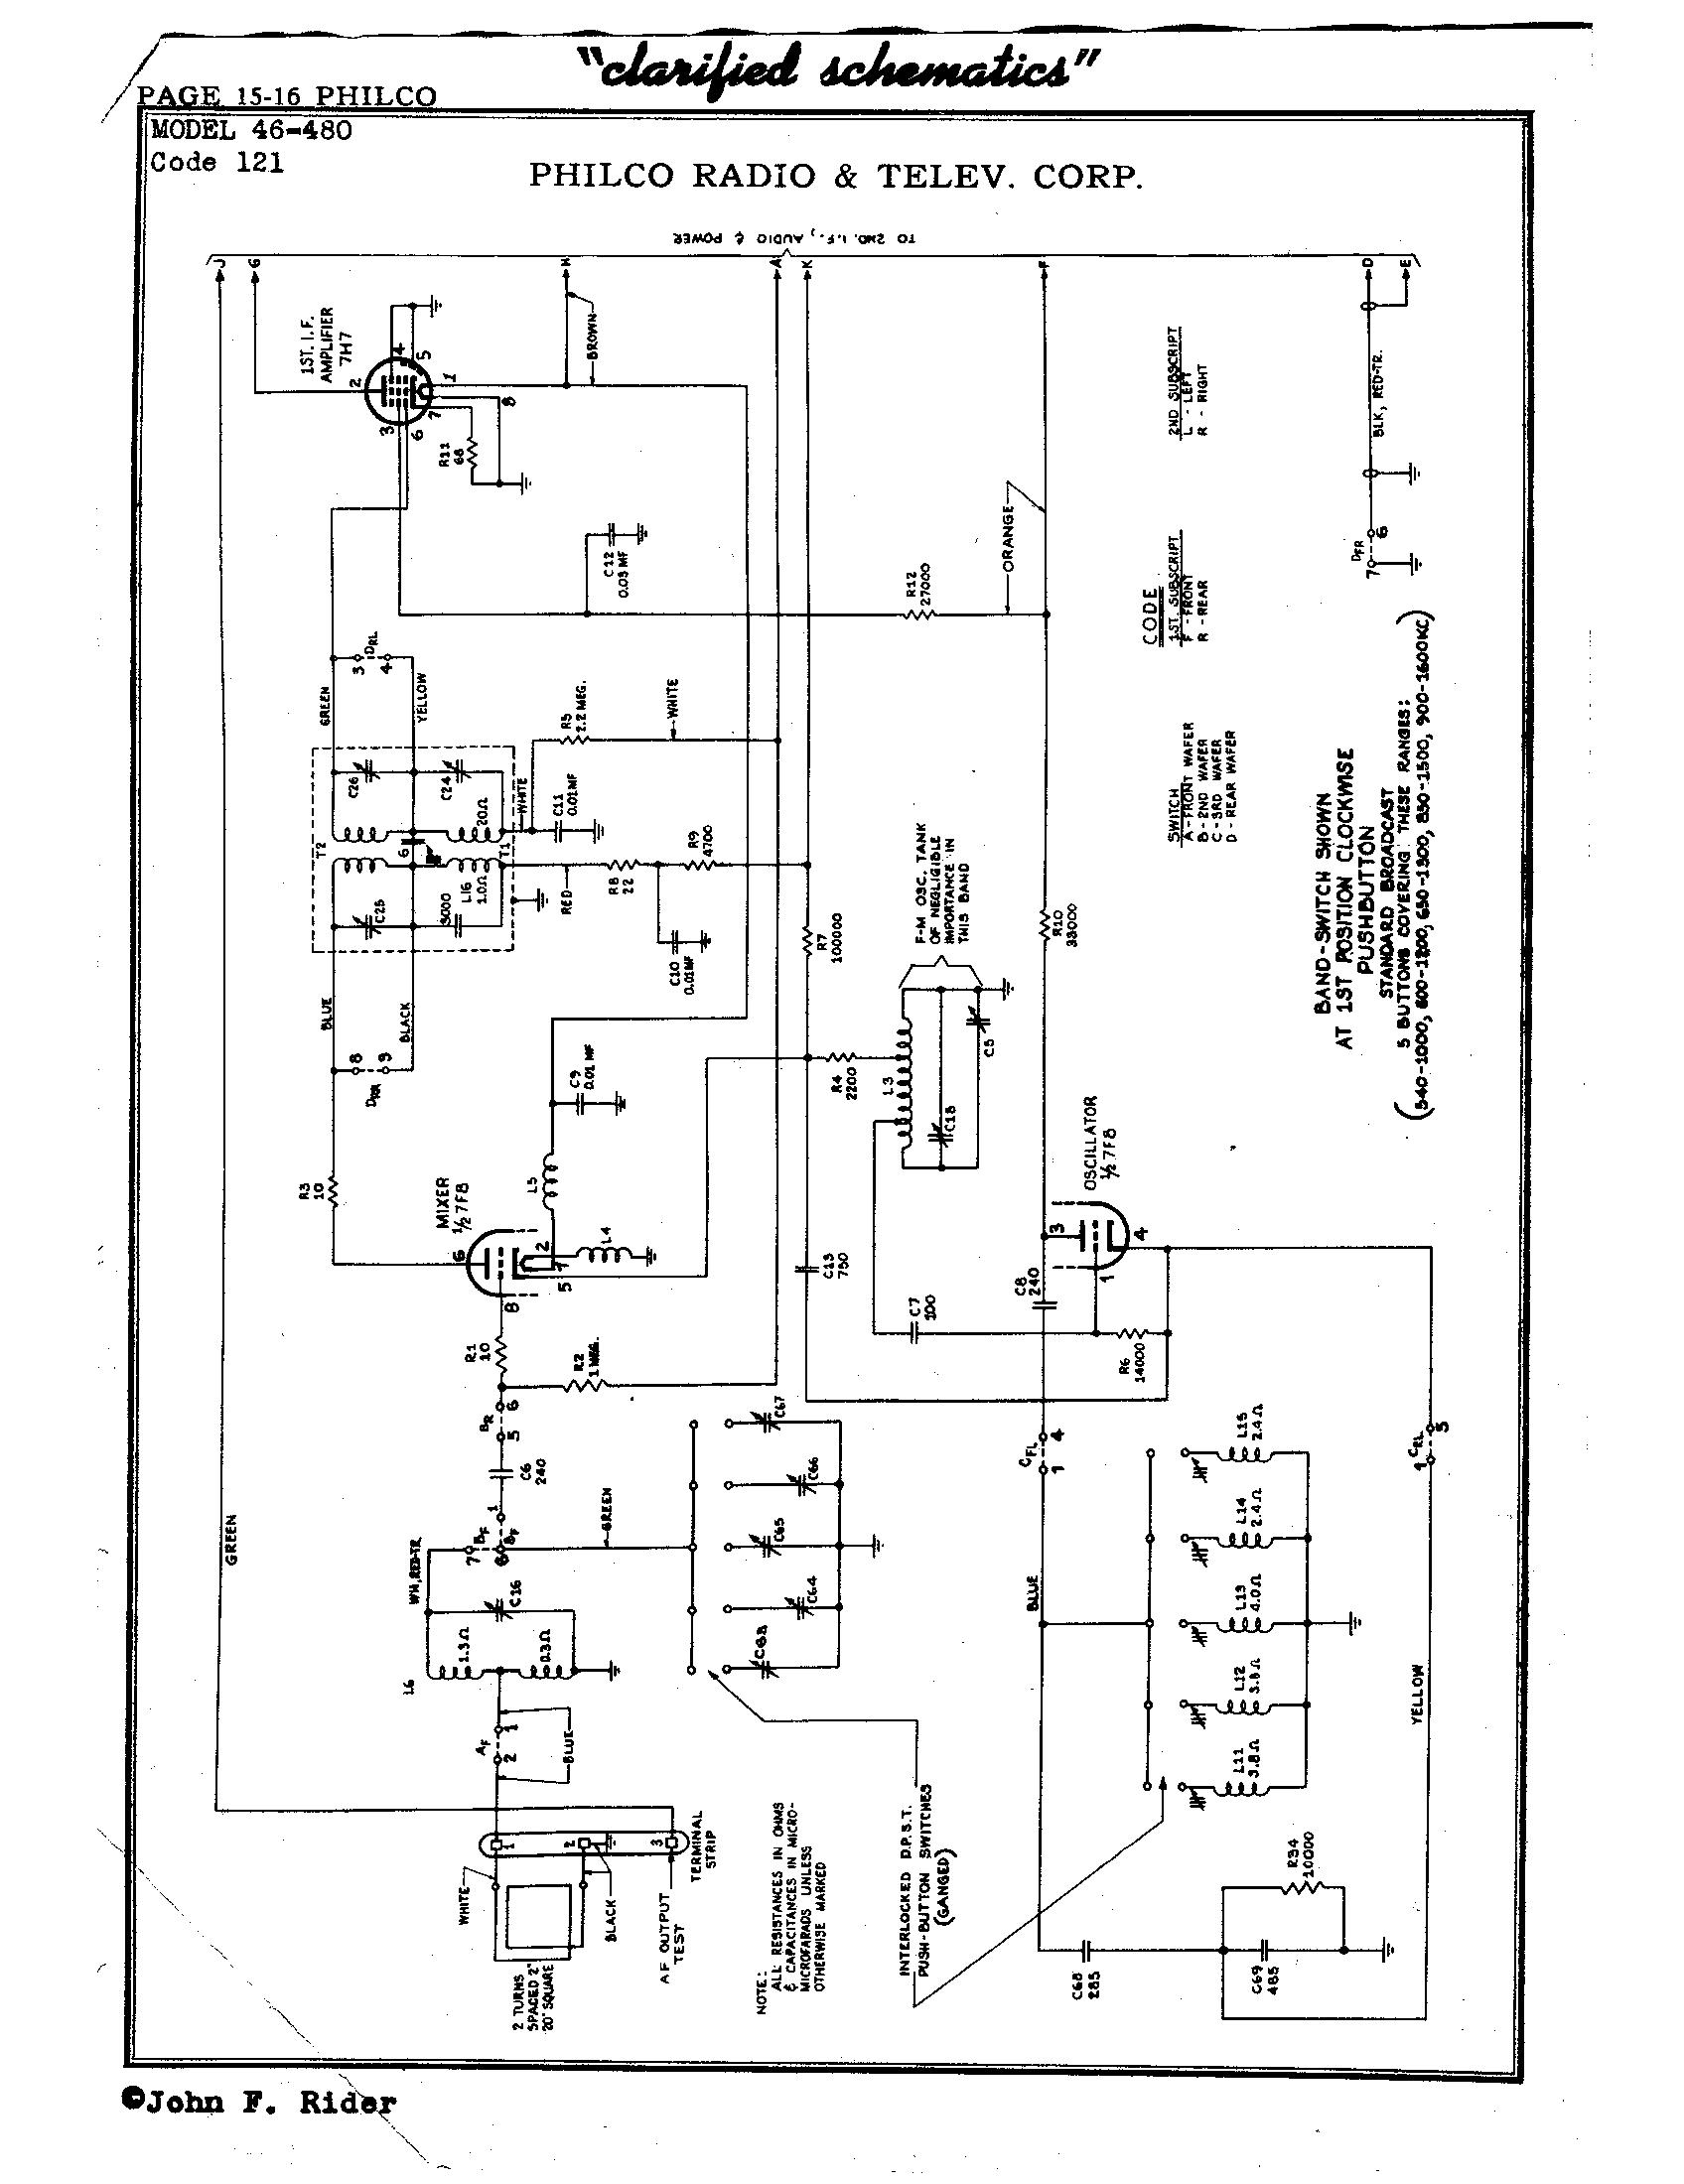 Ungewöhnlich Zwei Wege Schaltkreis Bilder - Schaltplan Serie Circuit ...